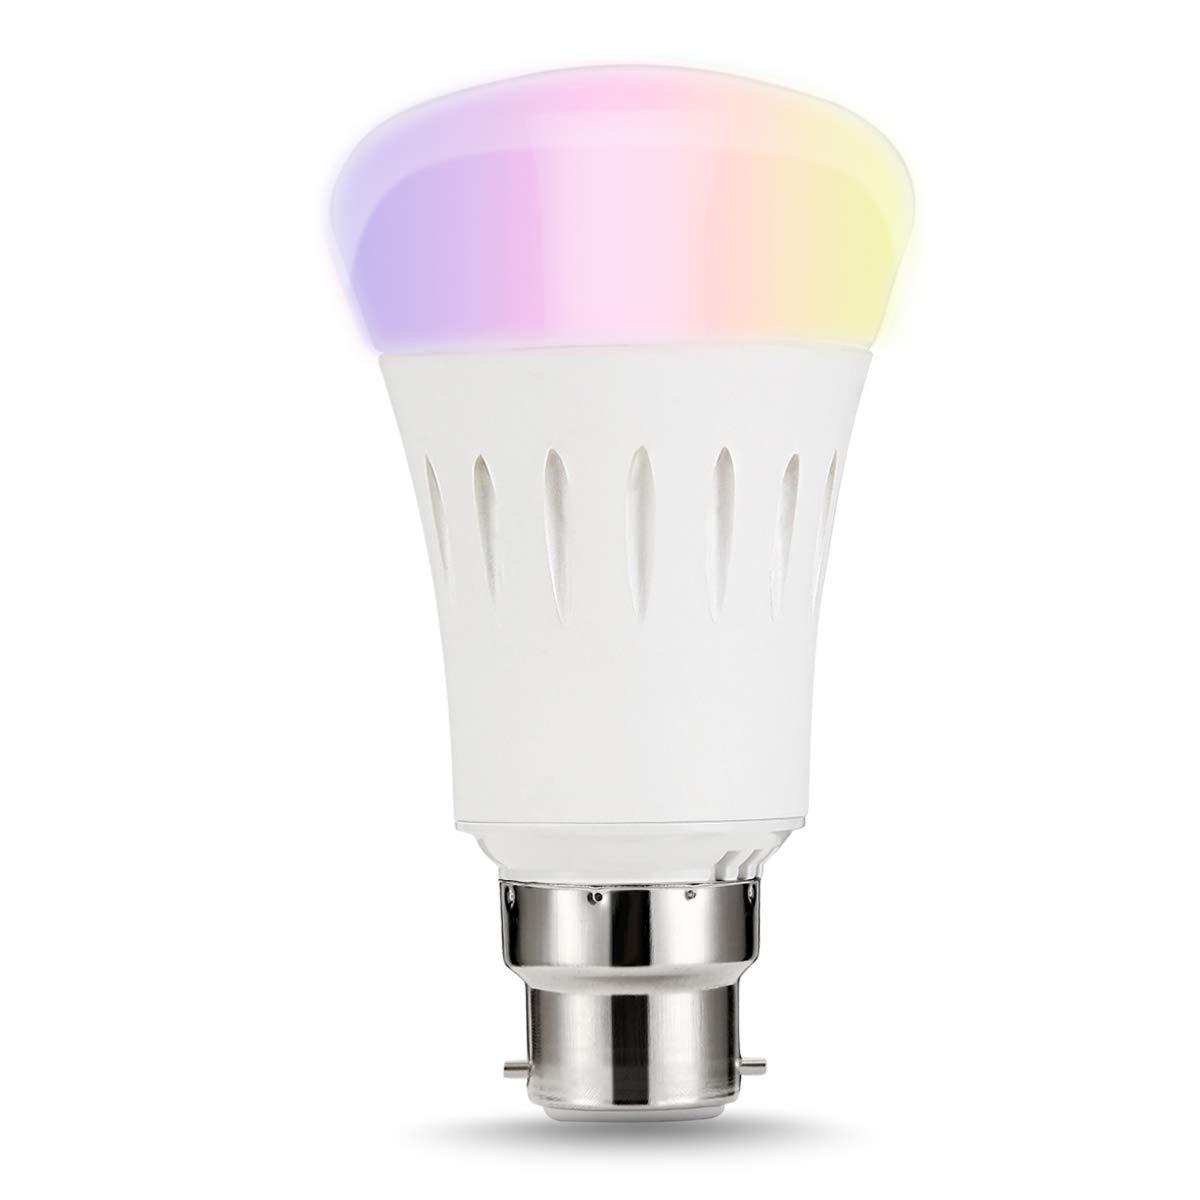 LOHAS® 9W B22 WLAN Multi Farbe Smart LED Lampen, Dimmbar, Ersatz für 60W Glühbirnen, 810lm, Steuerbar via App, Einstellung der Szene, intelligentes Leben, wählen Sie zuerst Smart Home